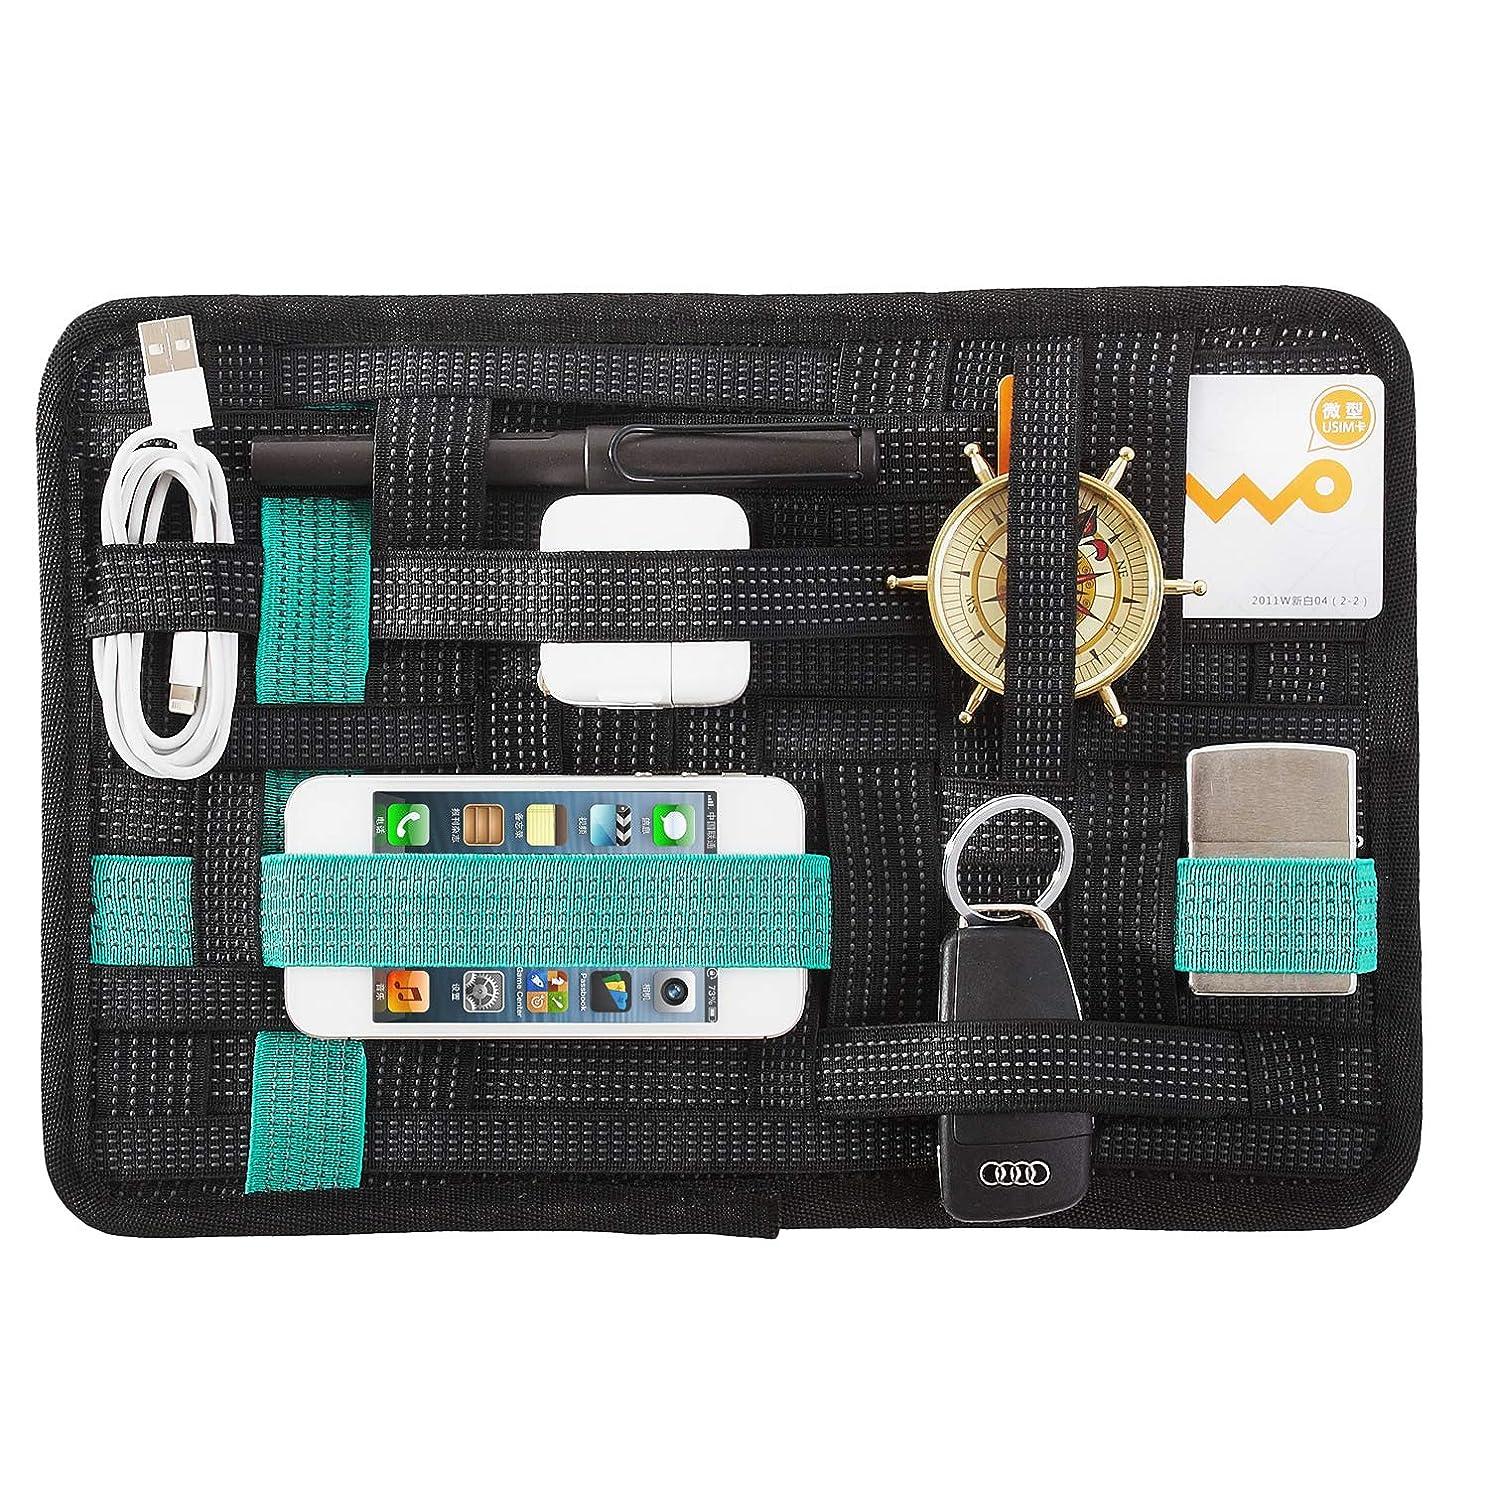 残り過去深くLZVTO PC周辺?携帯周辺 ガジェット&デジモノアクセサリ固定ツール バックインバック 旅行 出張用 トラベル用 カバン 整理 収納ケース インナーバッグ